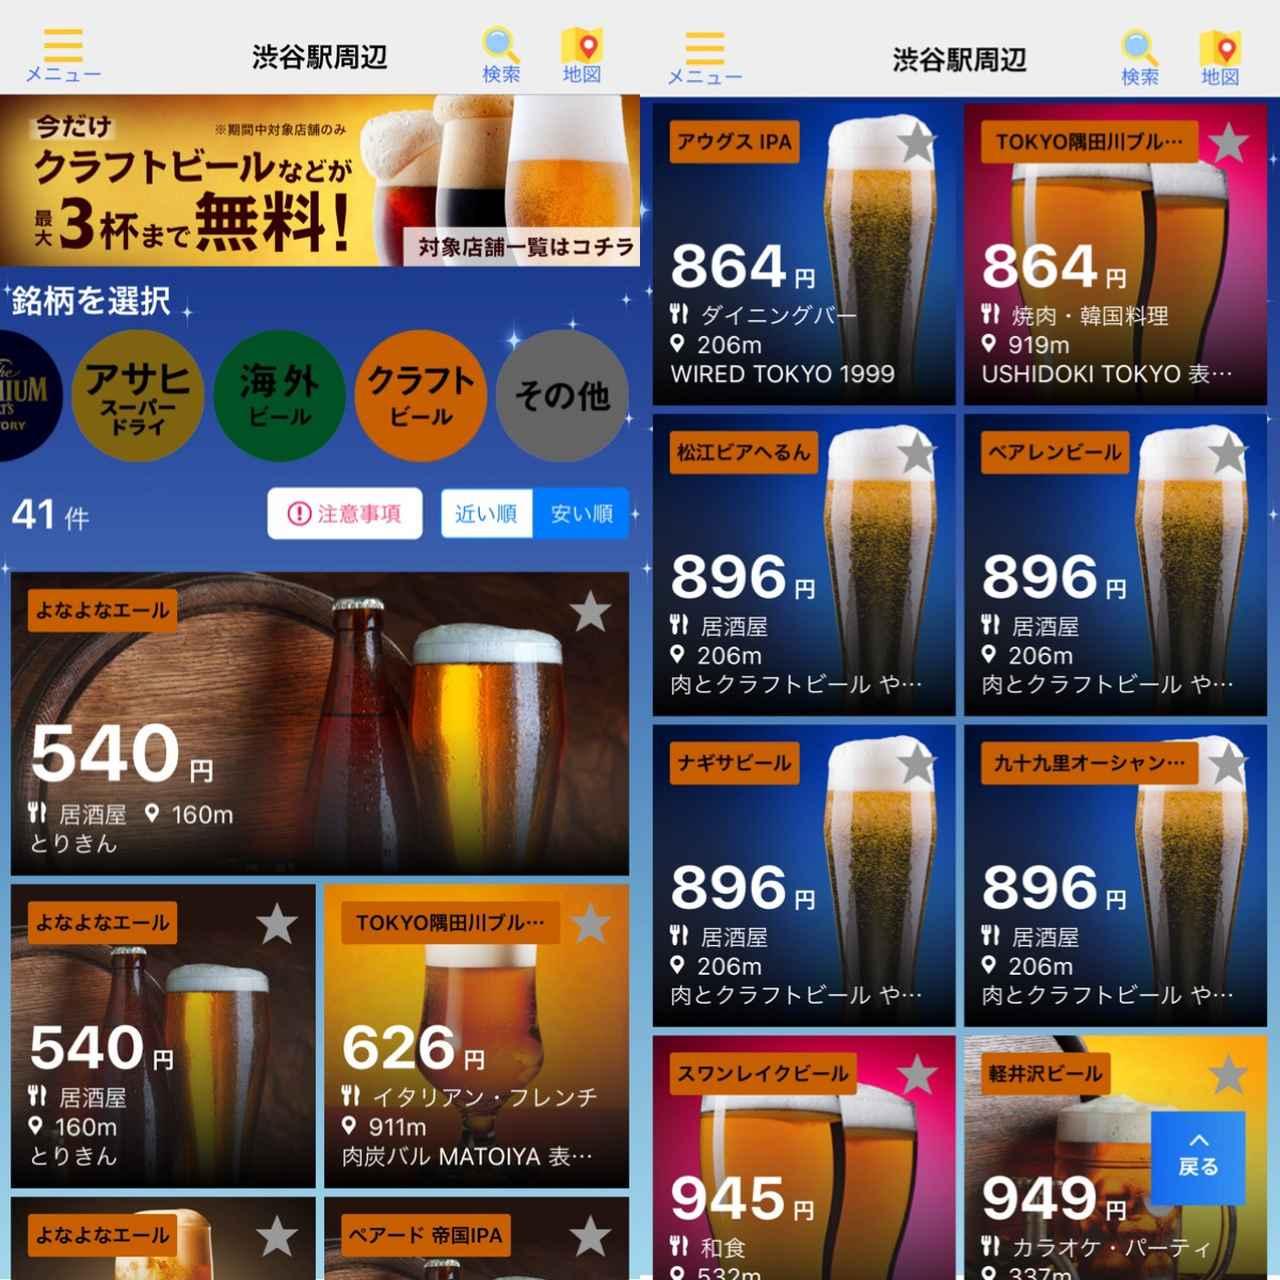 画像2: 海外ビールやクラフトビールの情報もがっちり掲載。